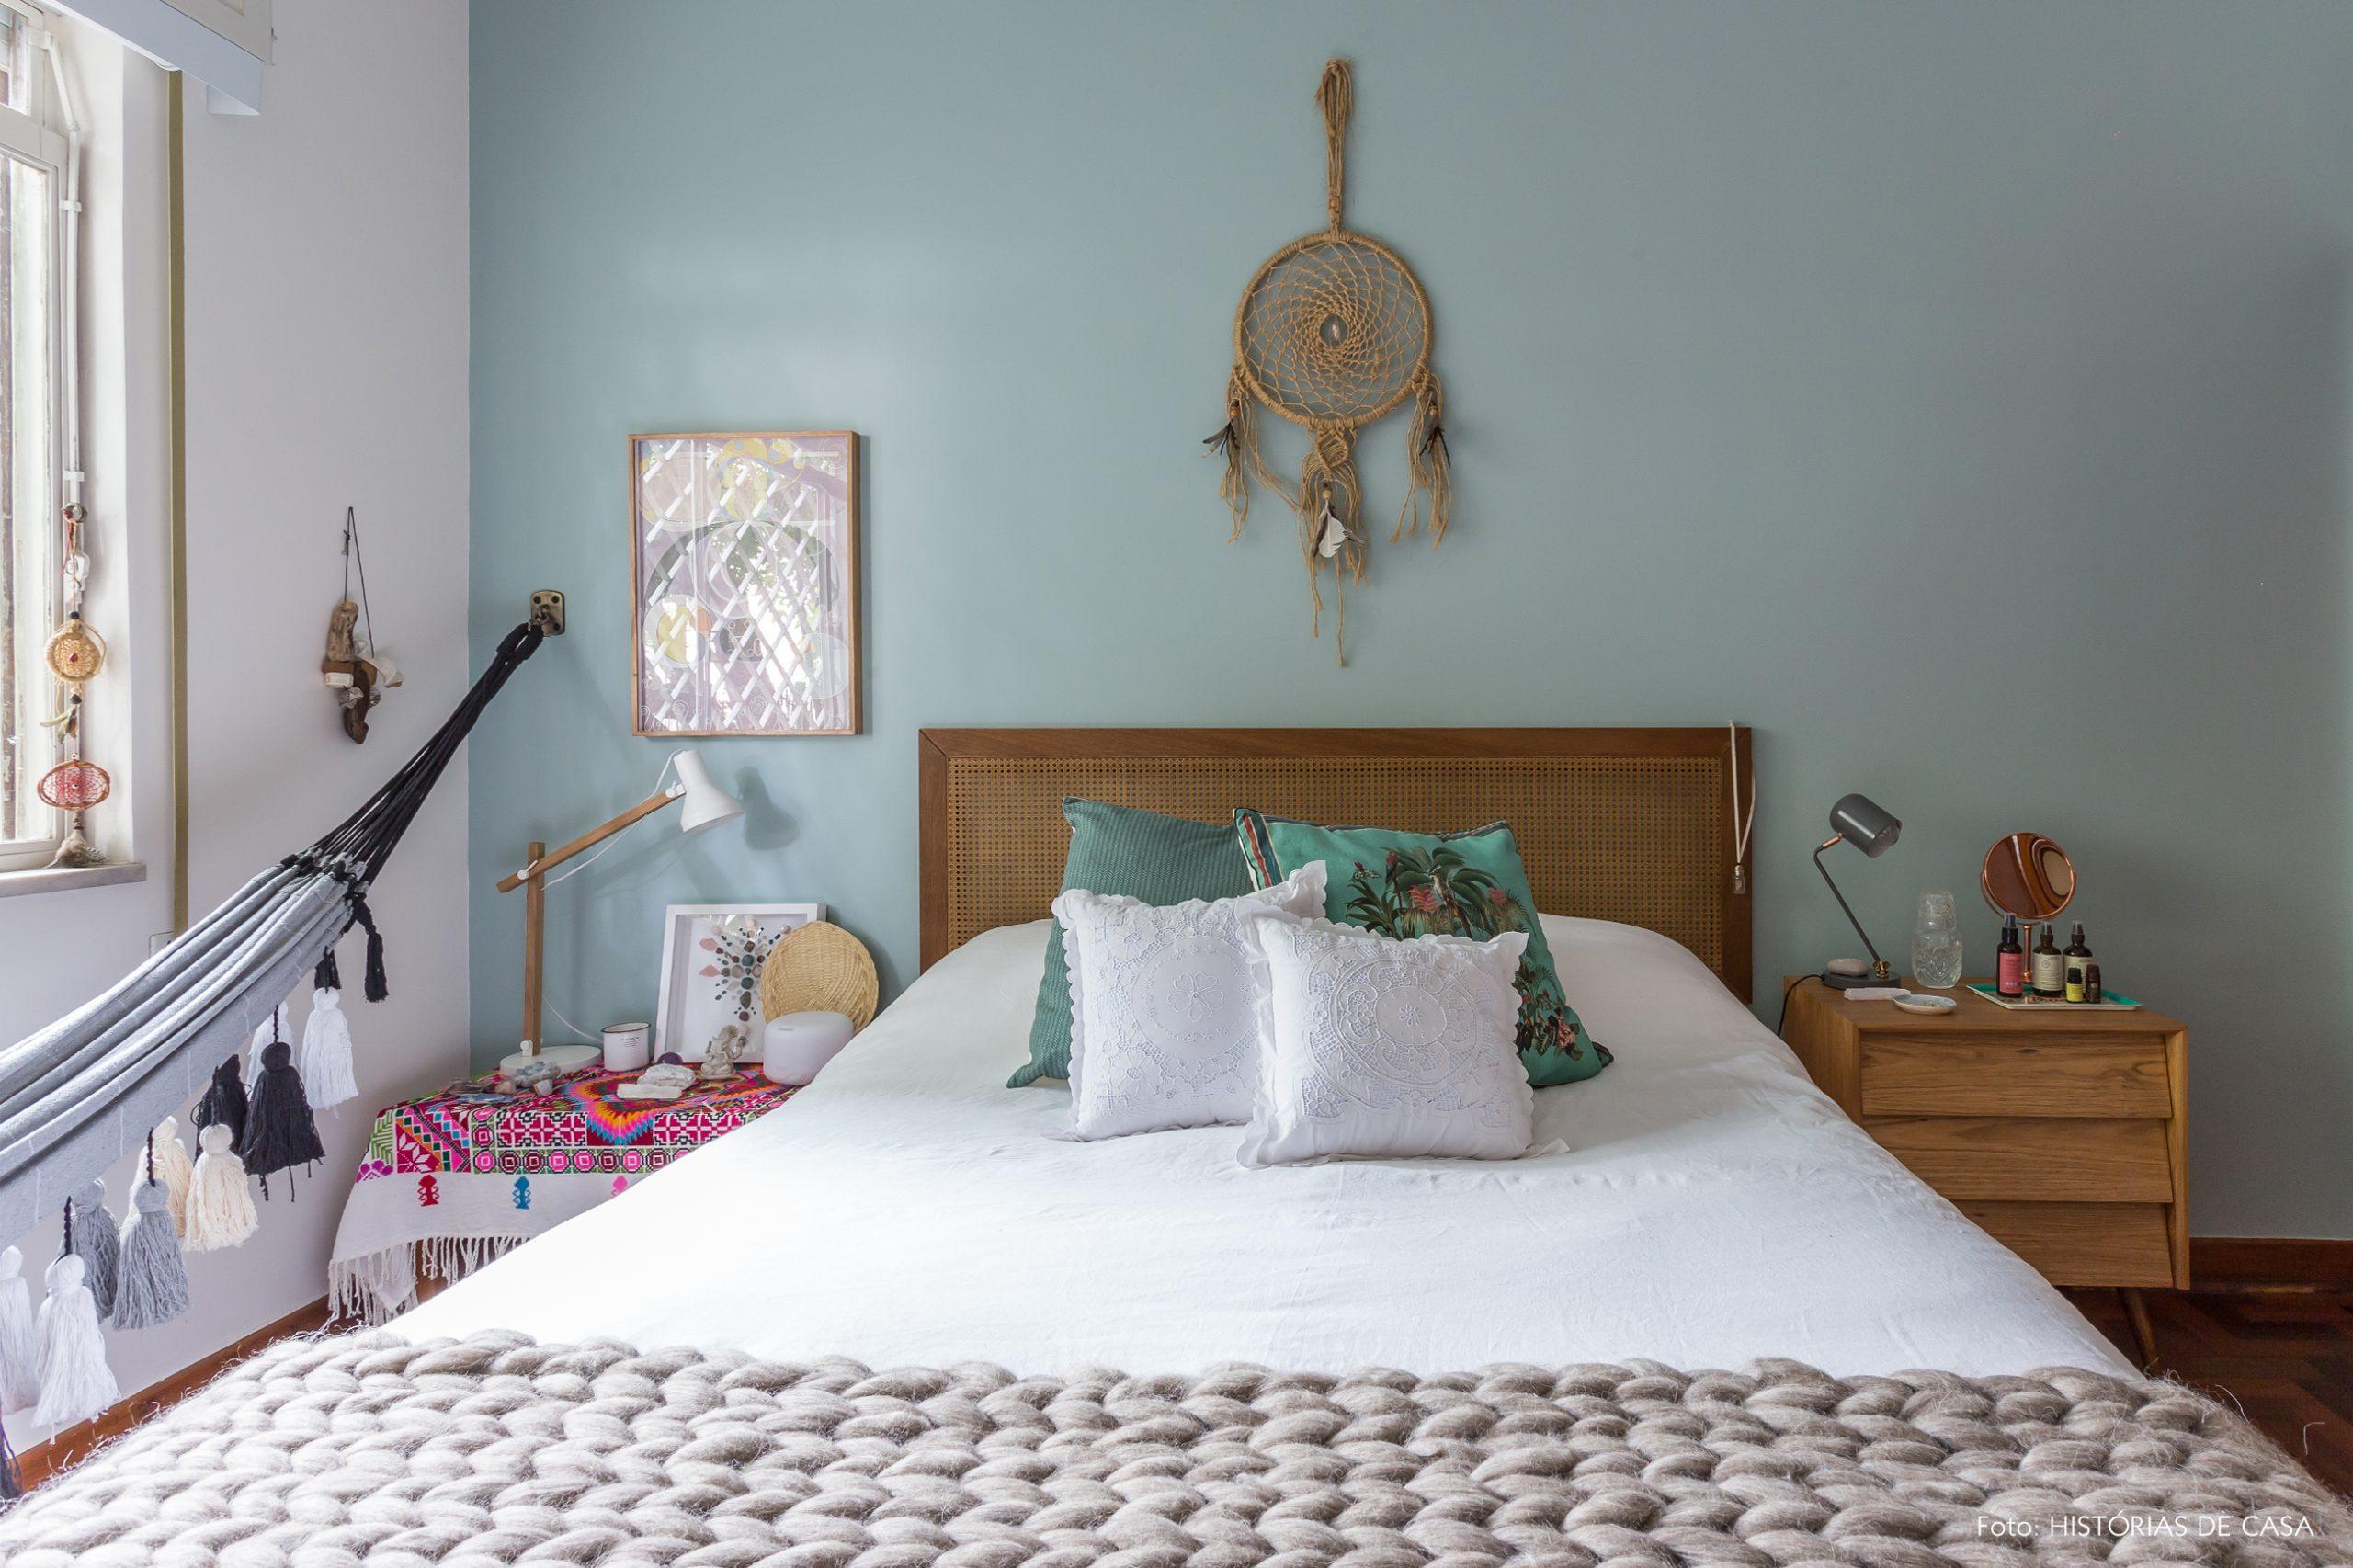 decoração quarto com parede azul e cama com cabeceira de palhinha